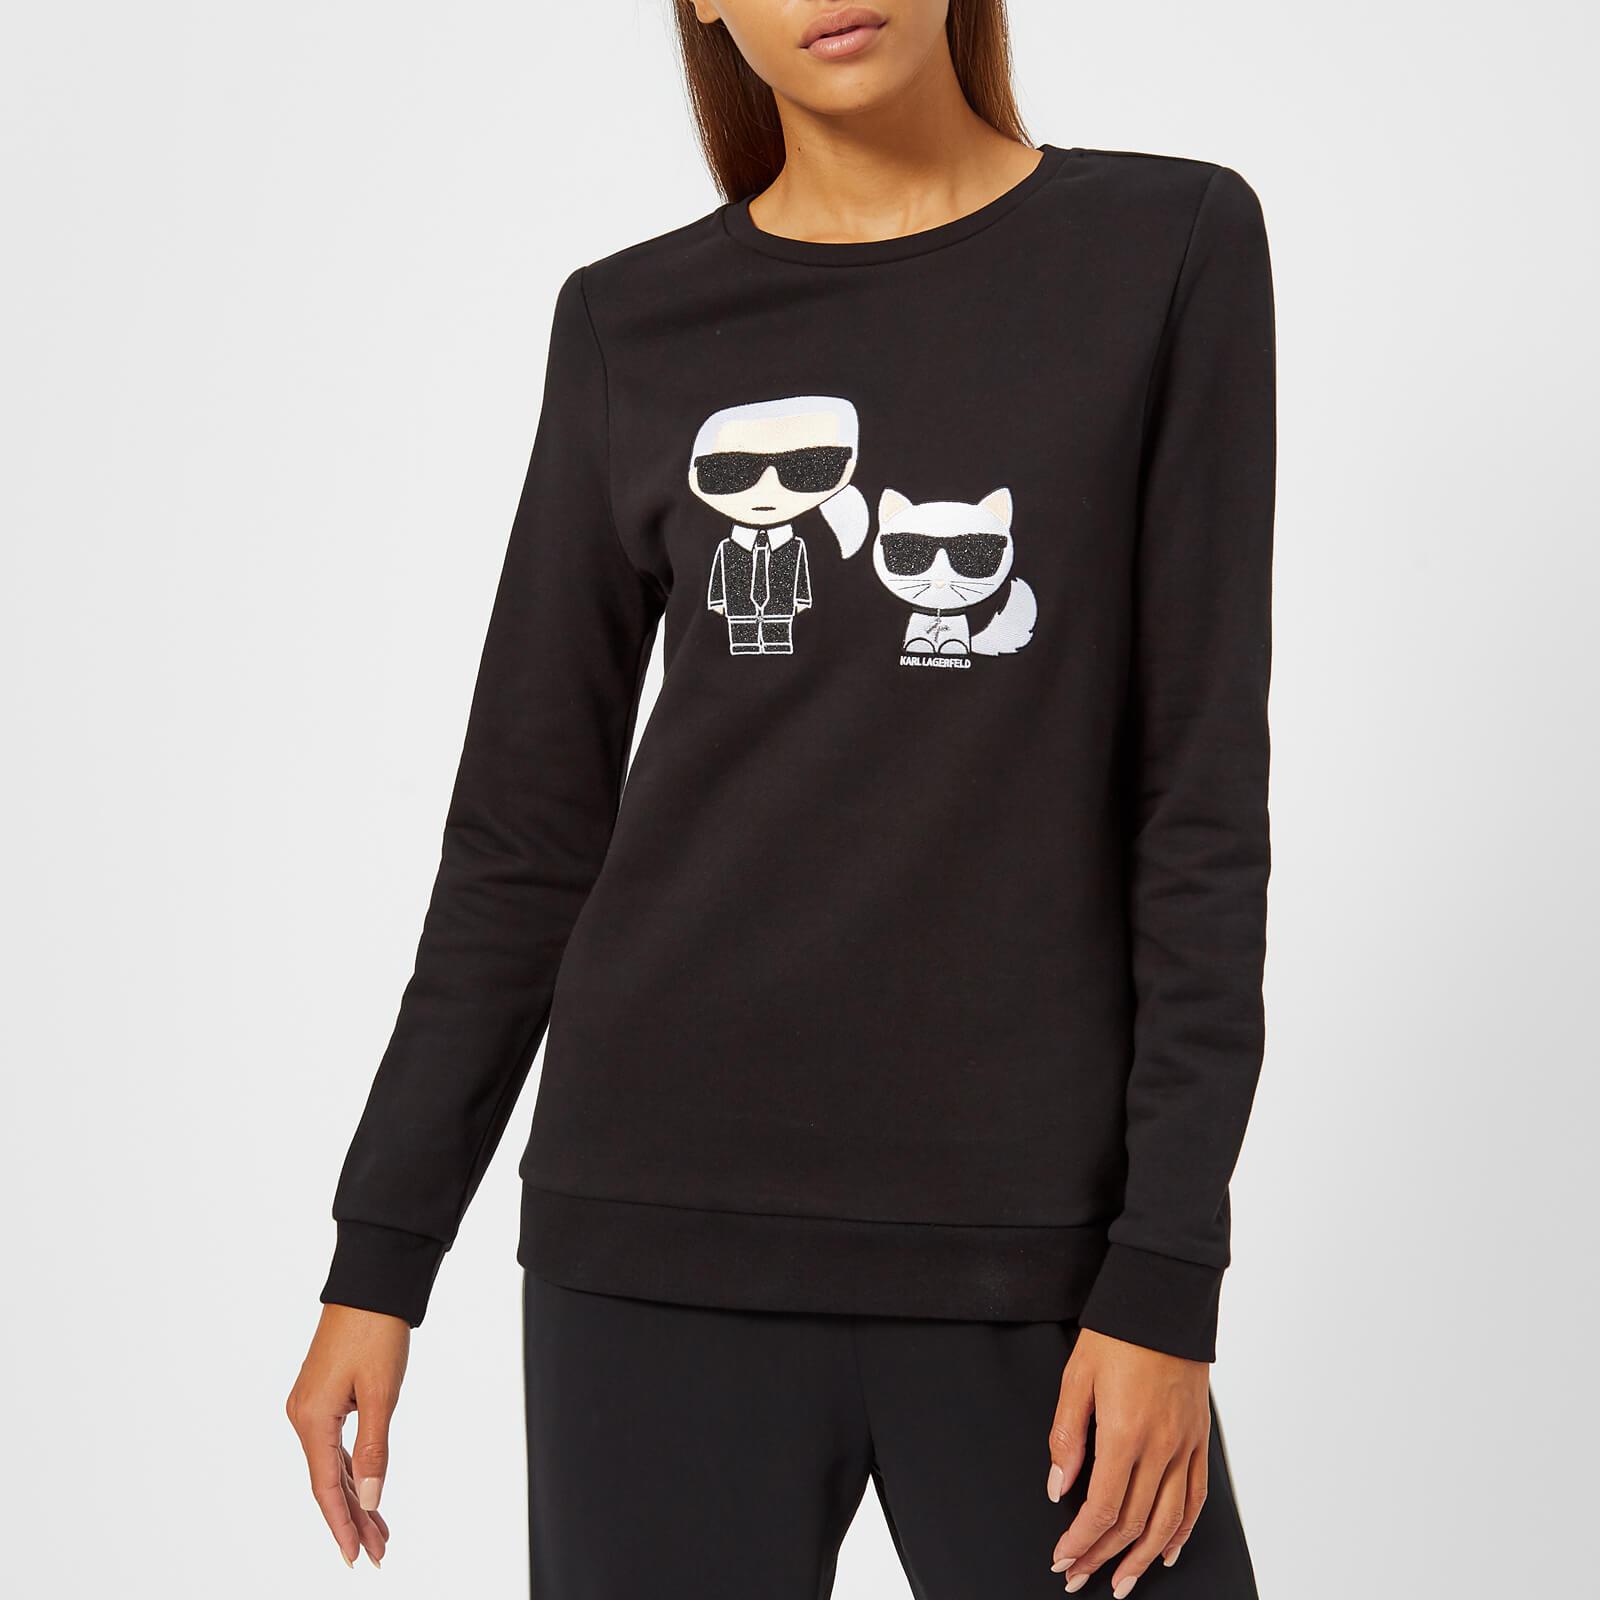 Karl Lagerfeld Women's Karl Ikonik Choupette Sweatshirt Black